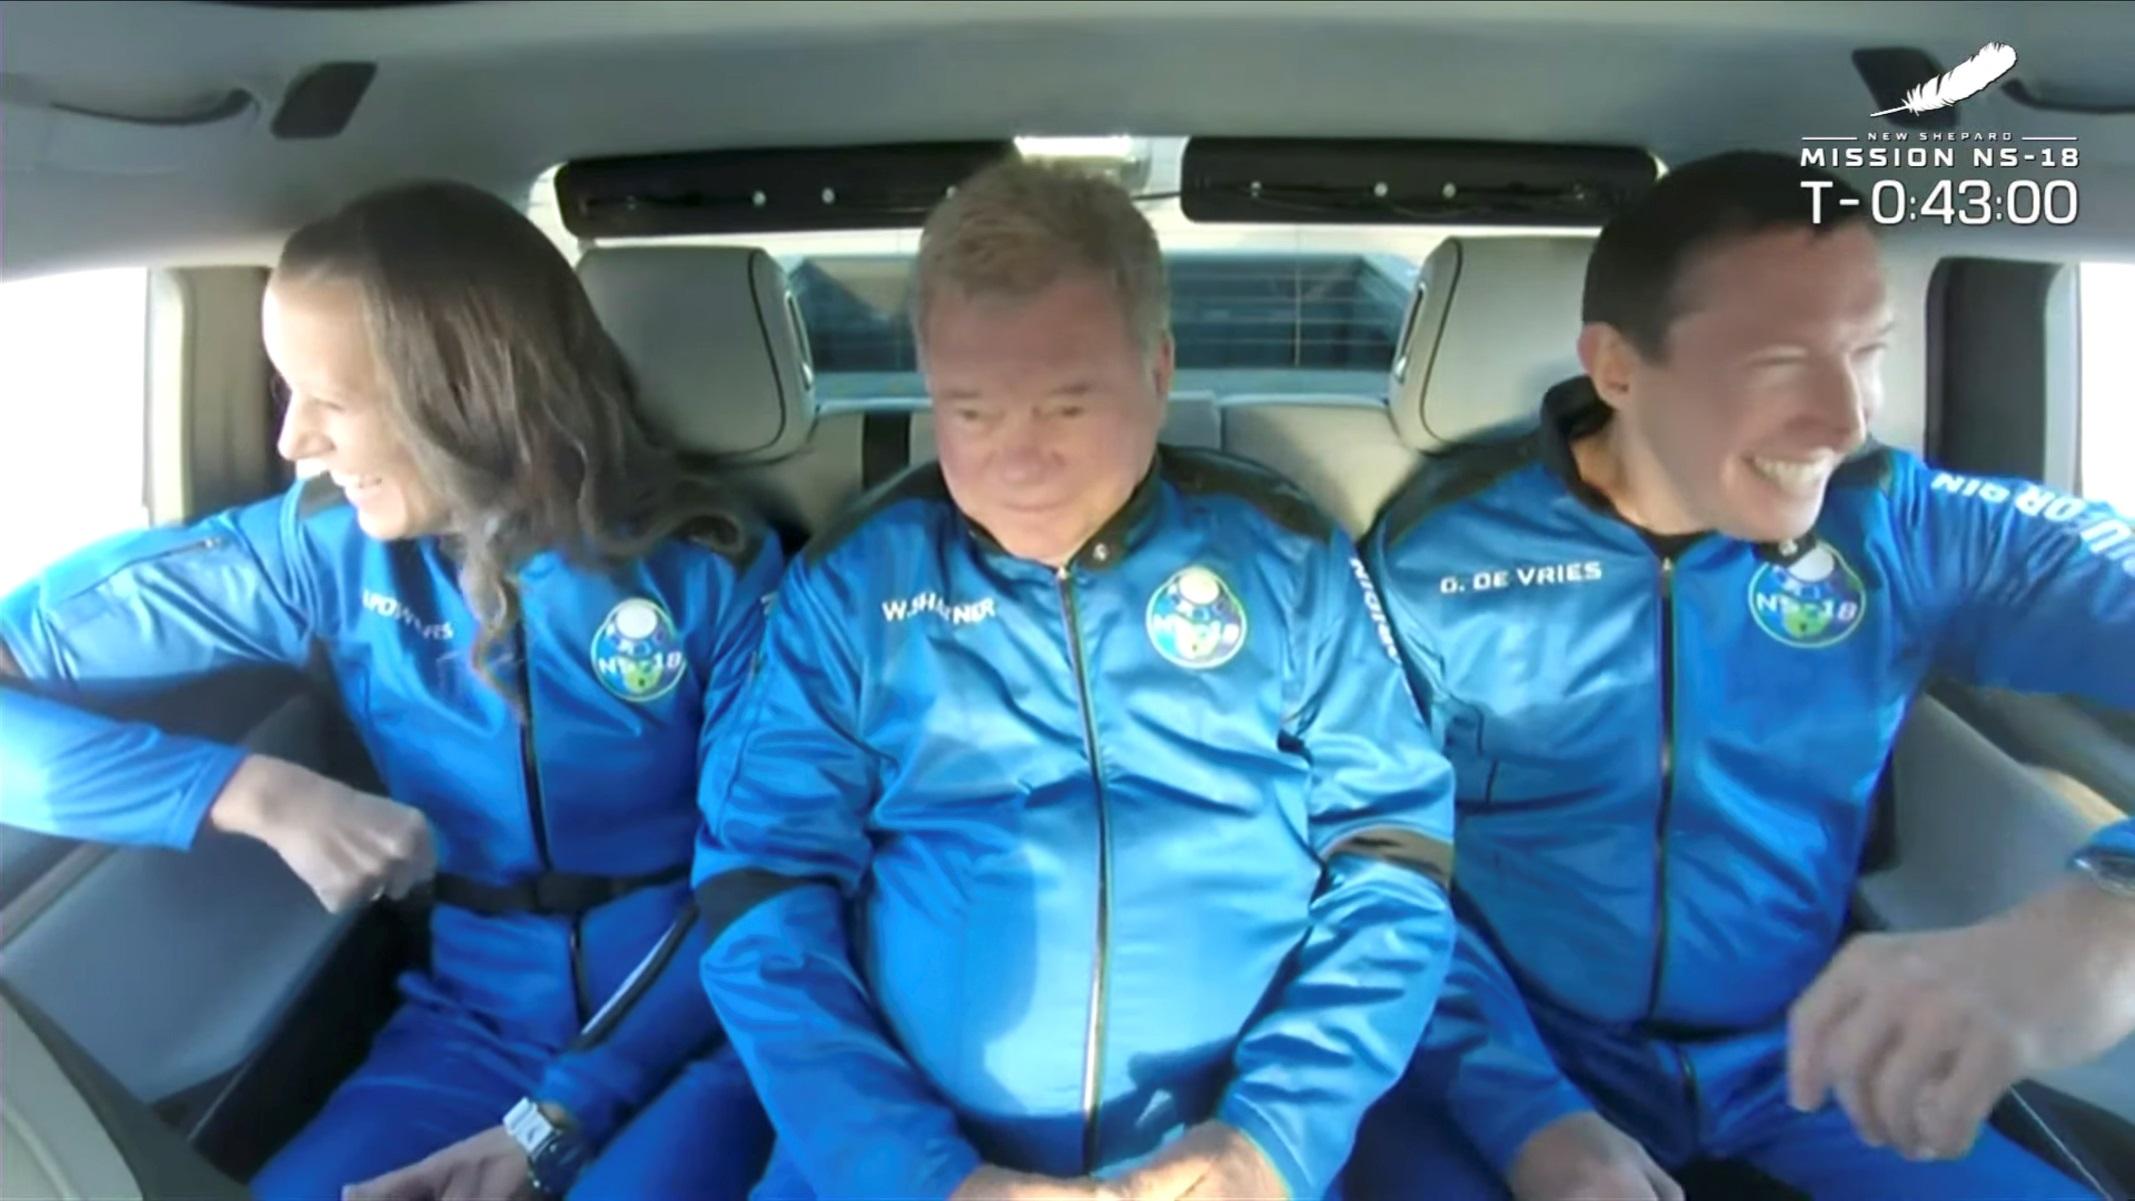 Ο θρυλικός Κάπτεν Κερκ του Σταρ Τρεκ ταξίδεψε στο διάστημα – Δείτε φωτογραφίες και βίντεο